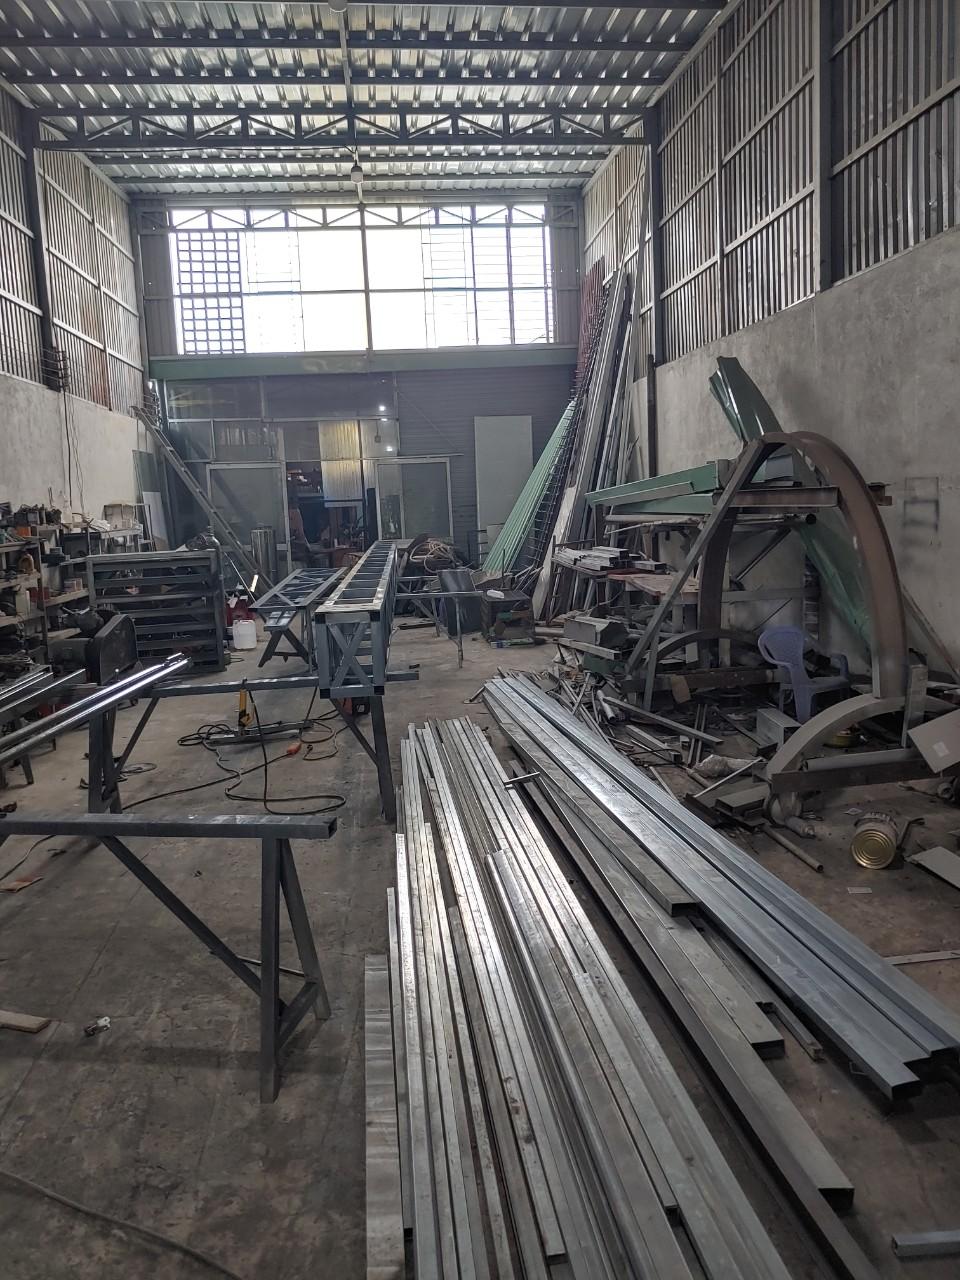 thi công máng xối nhà xưởng giá cạnh tranh - Mái Nhà Đẹp - 0368115251